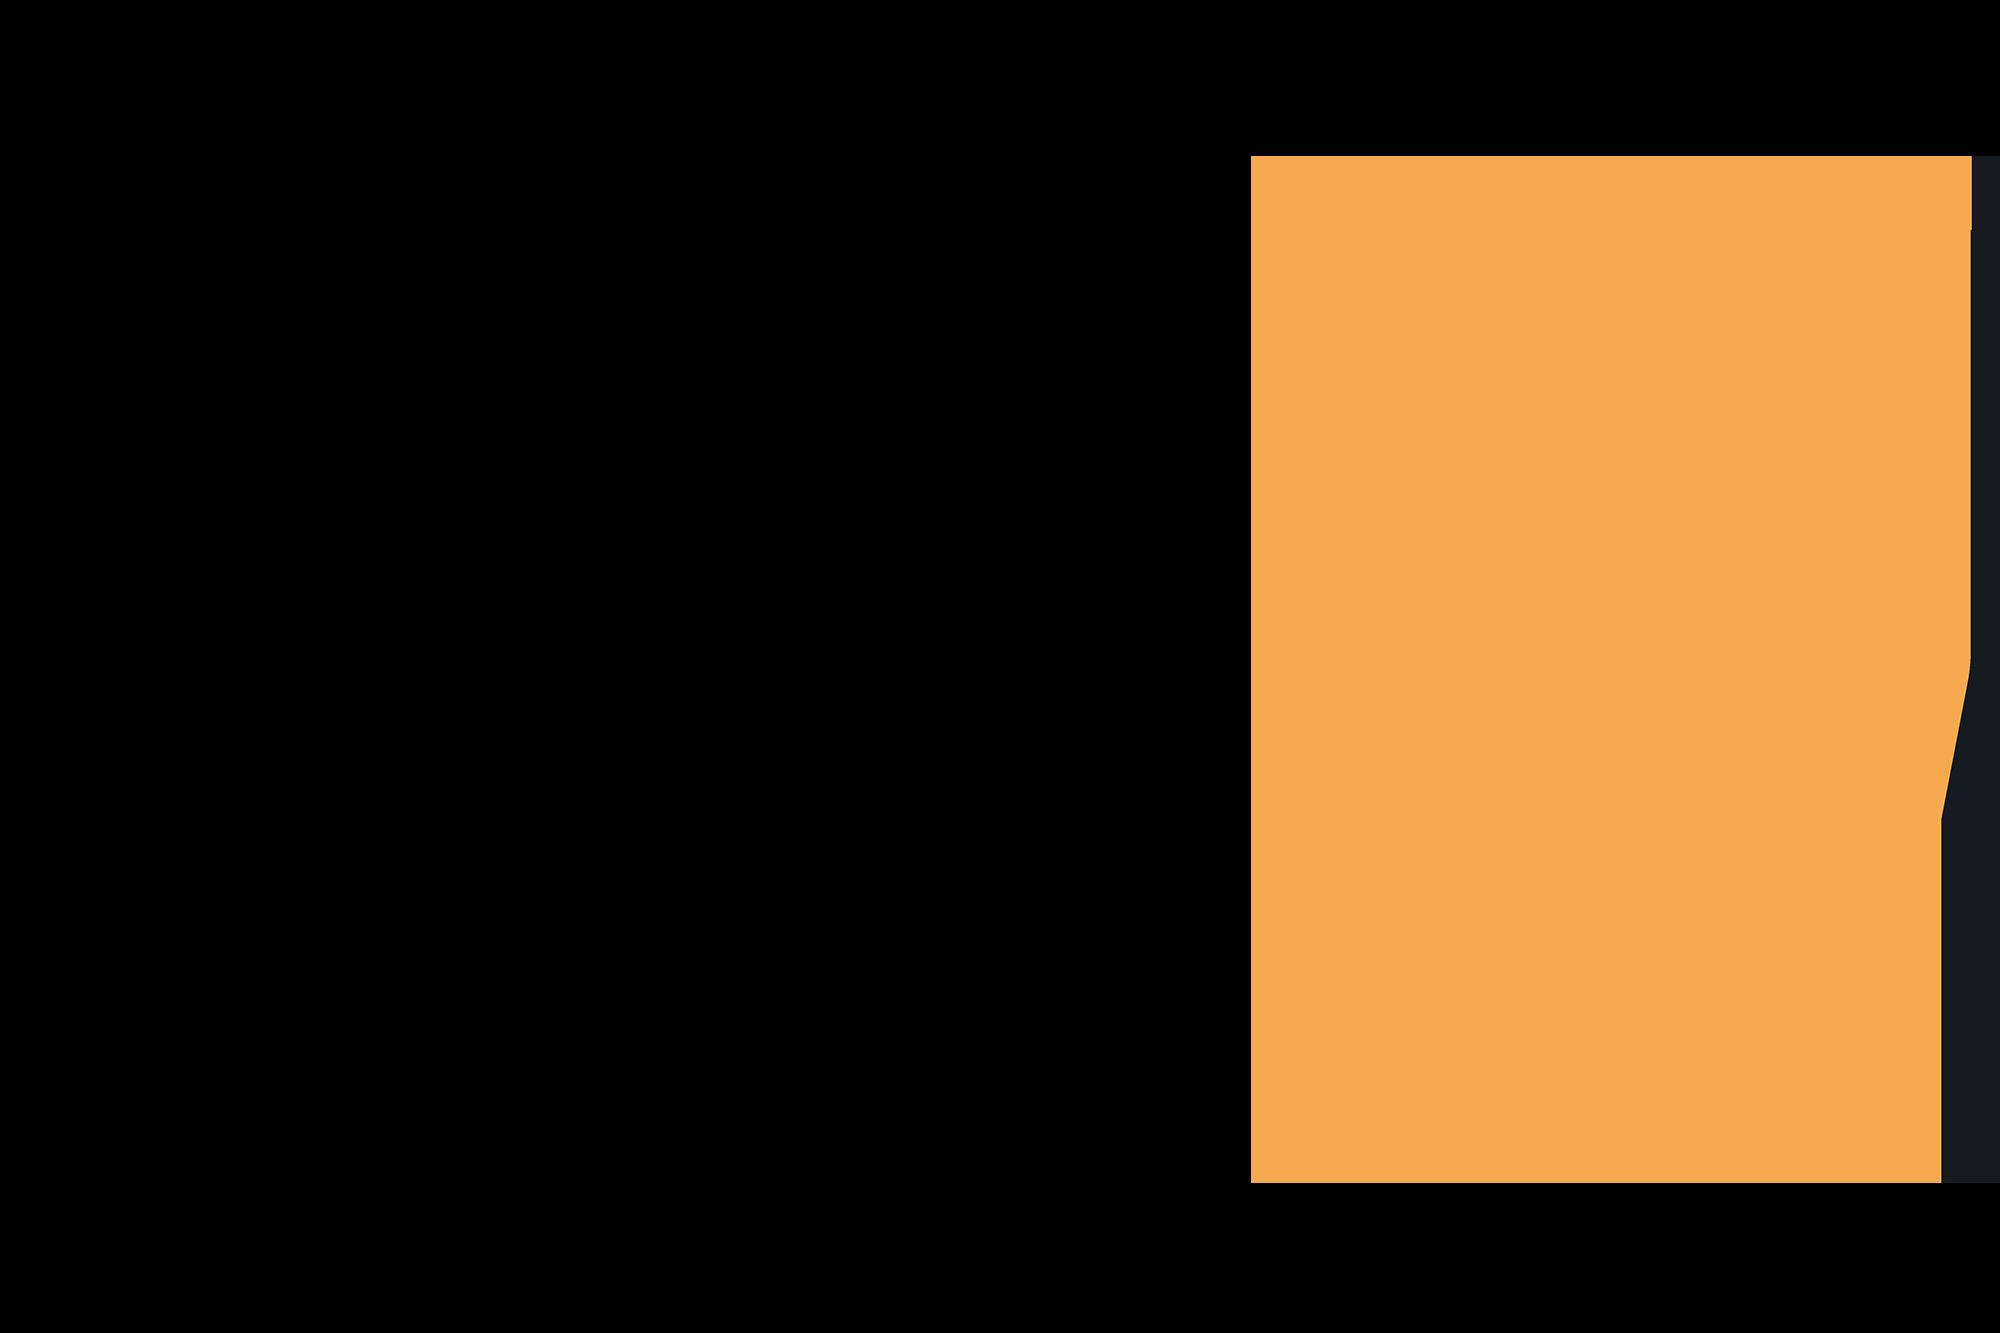 Nightowl logo looking cool